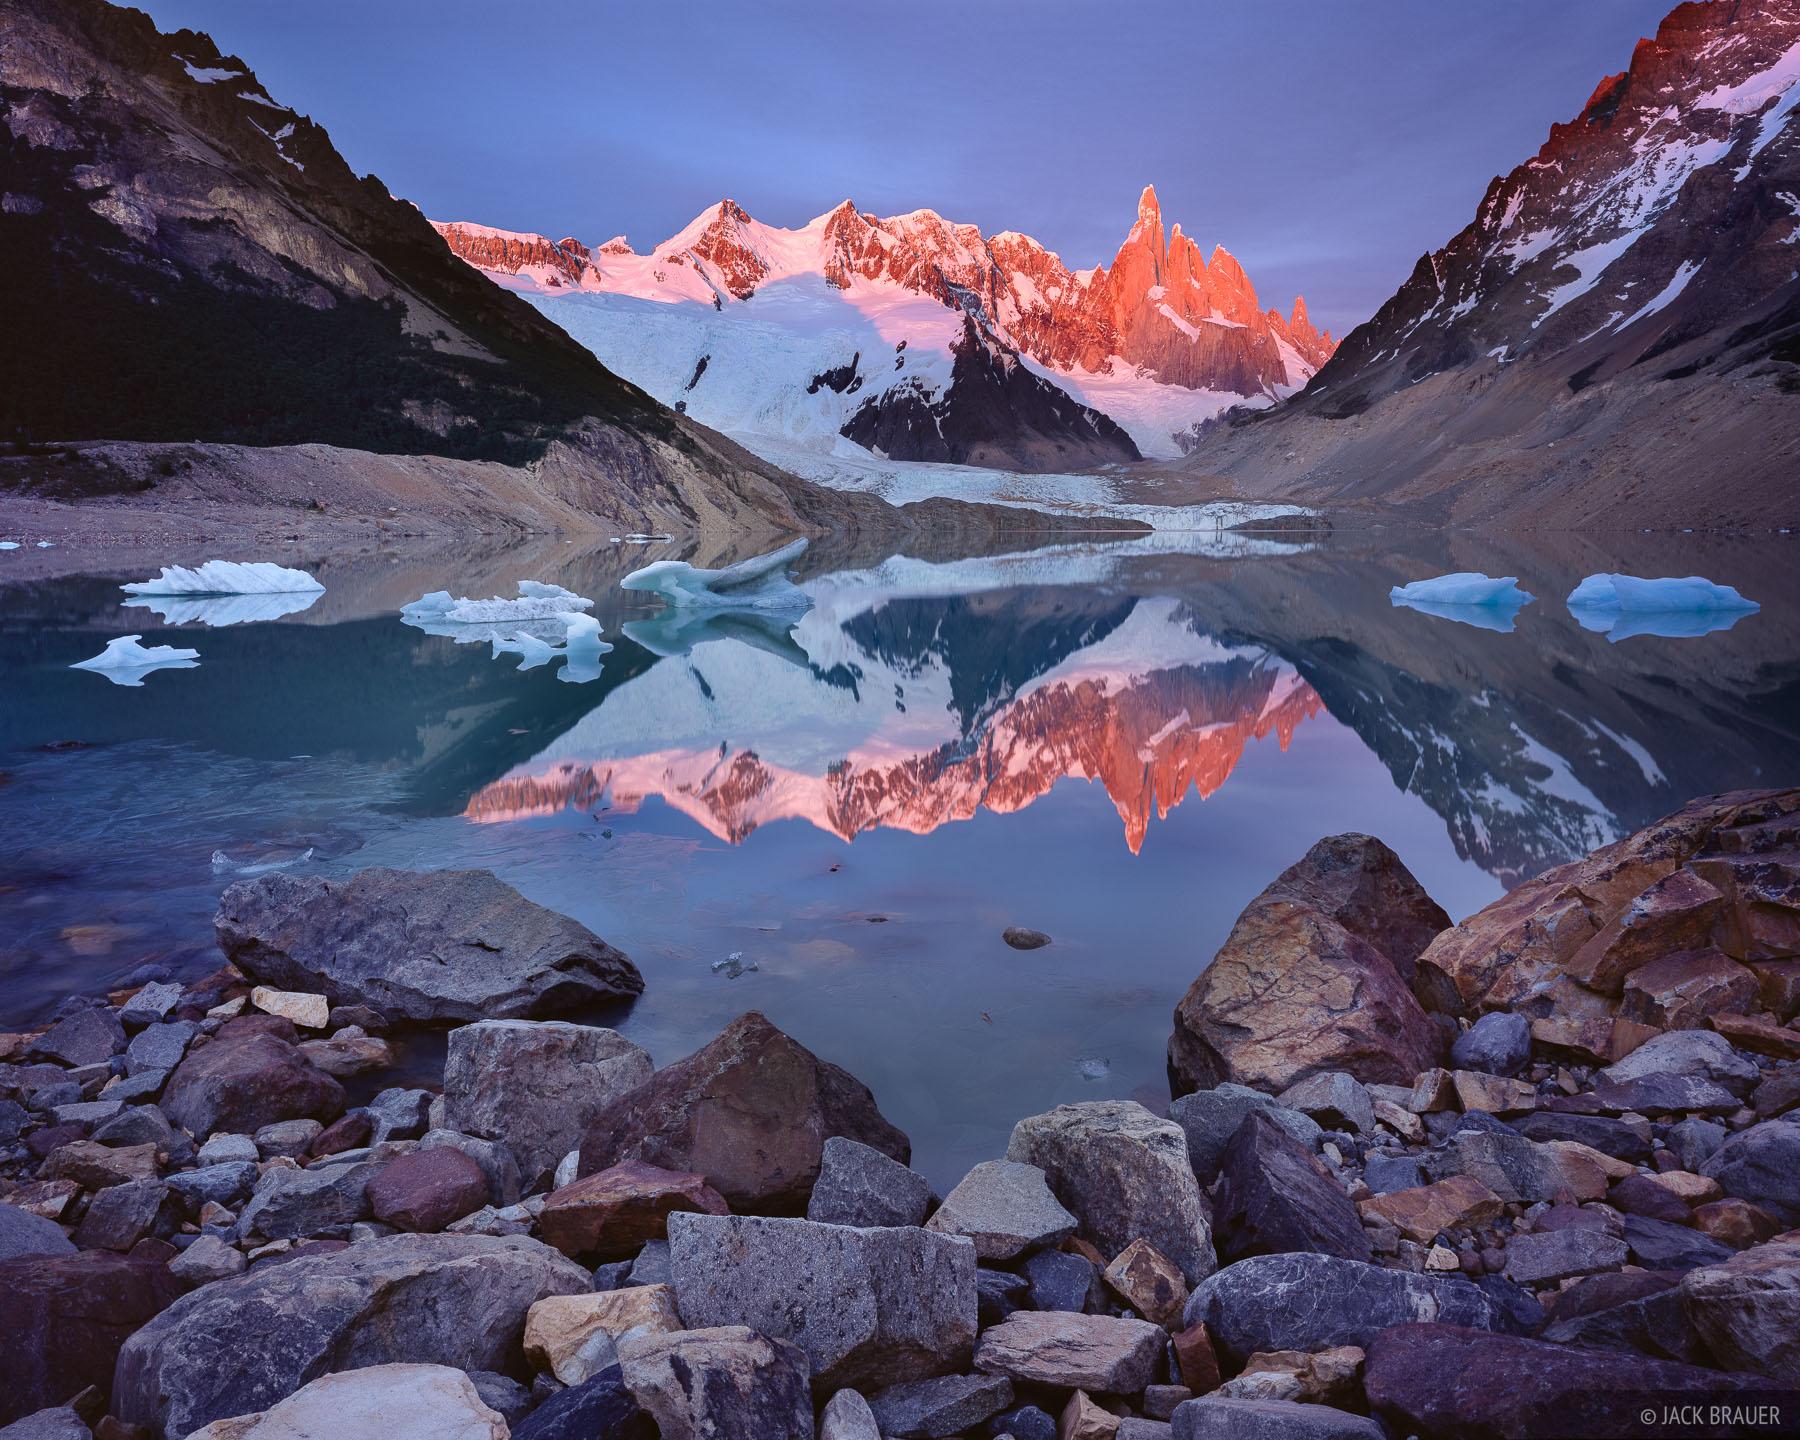 Cerro Torre, Parque Nacional Los Glaciares, Argentina, Patagonia, photo